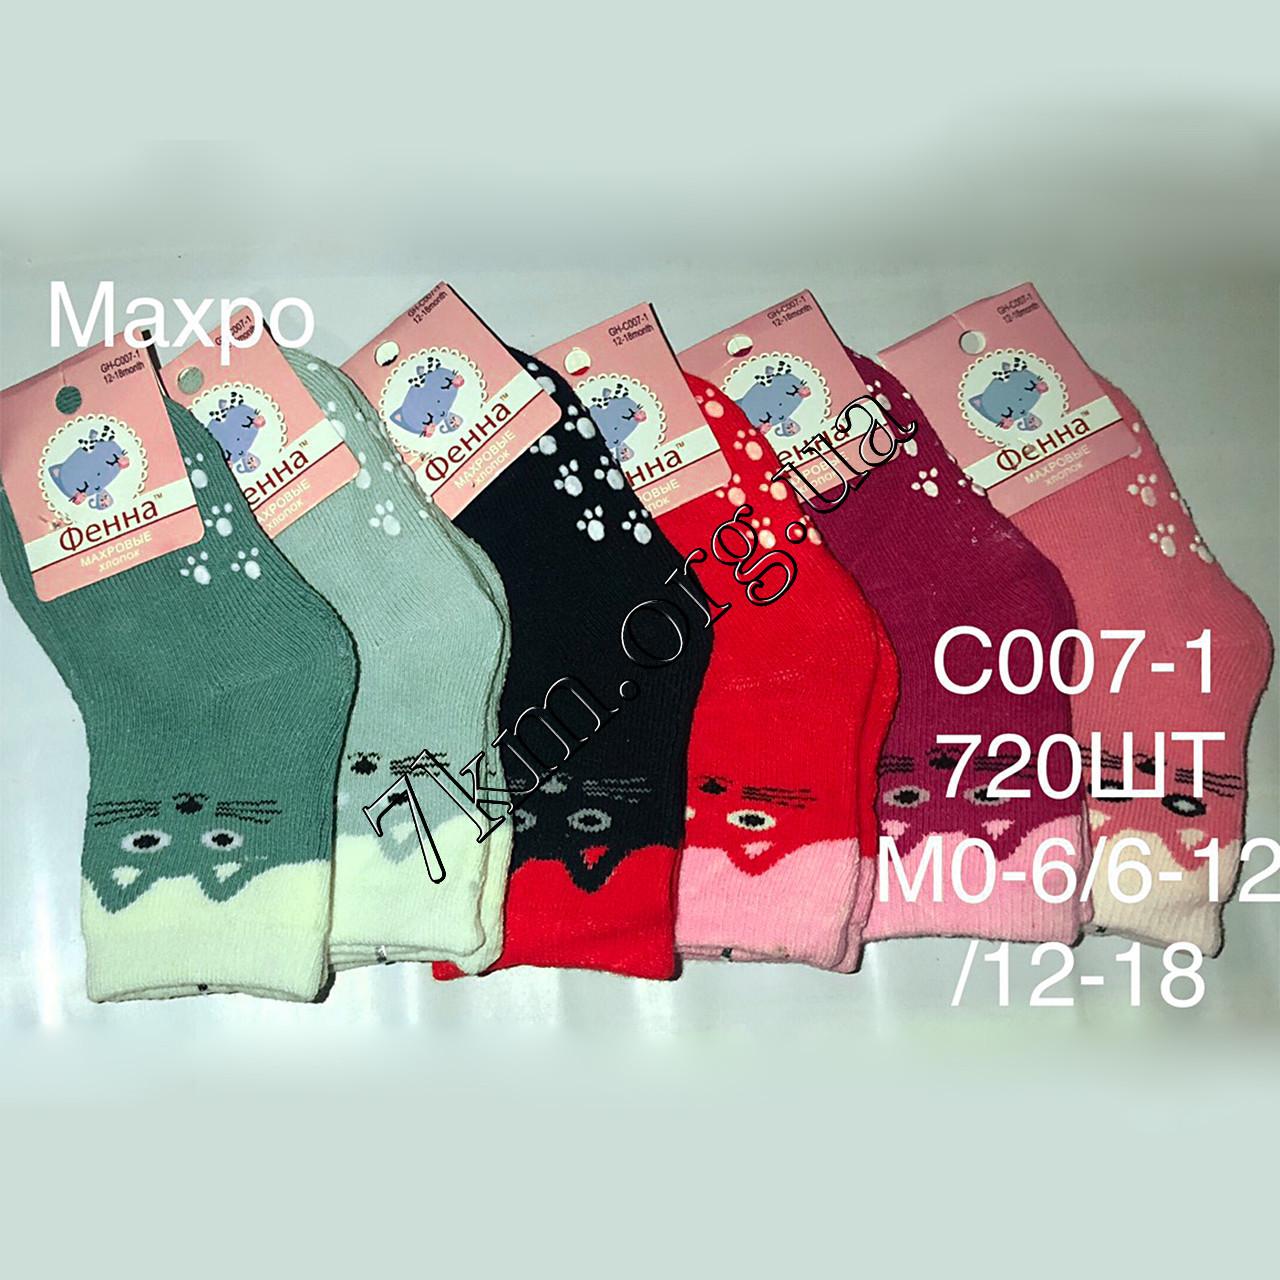 Шкарпетки дитячі махрові для дівчаток Фенна 6-12 місяців Оптом C007-1